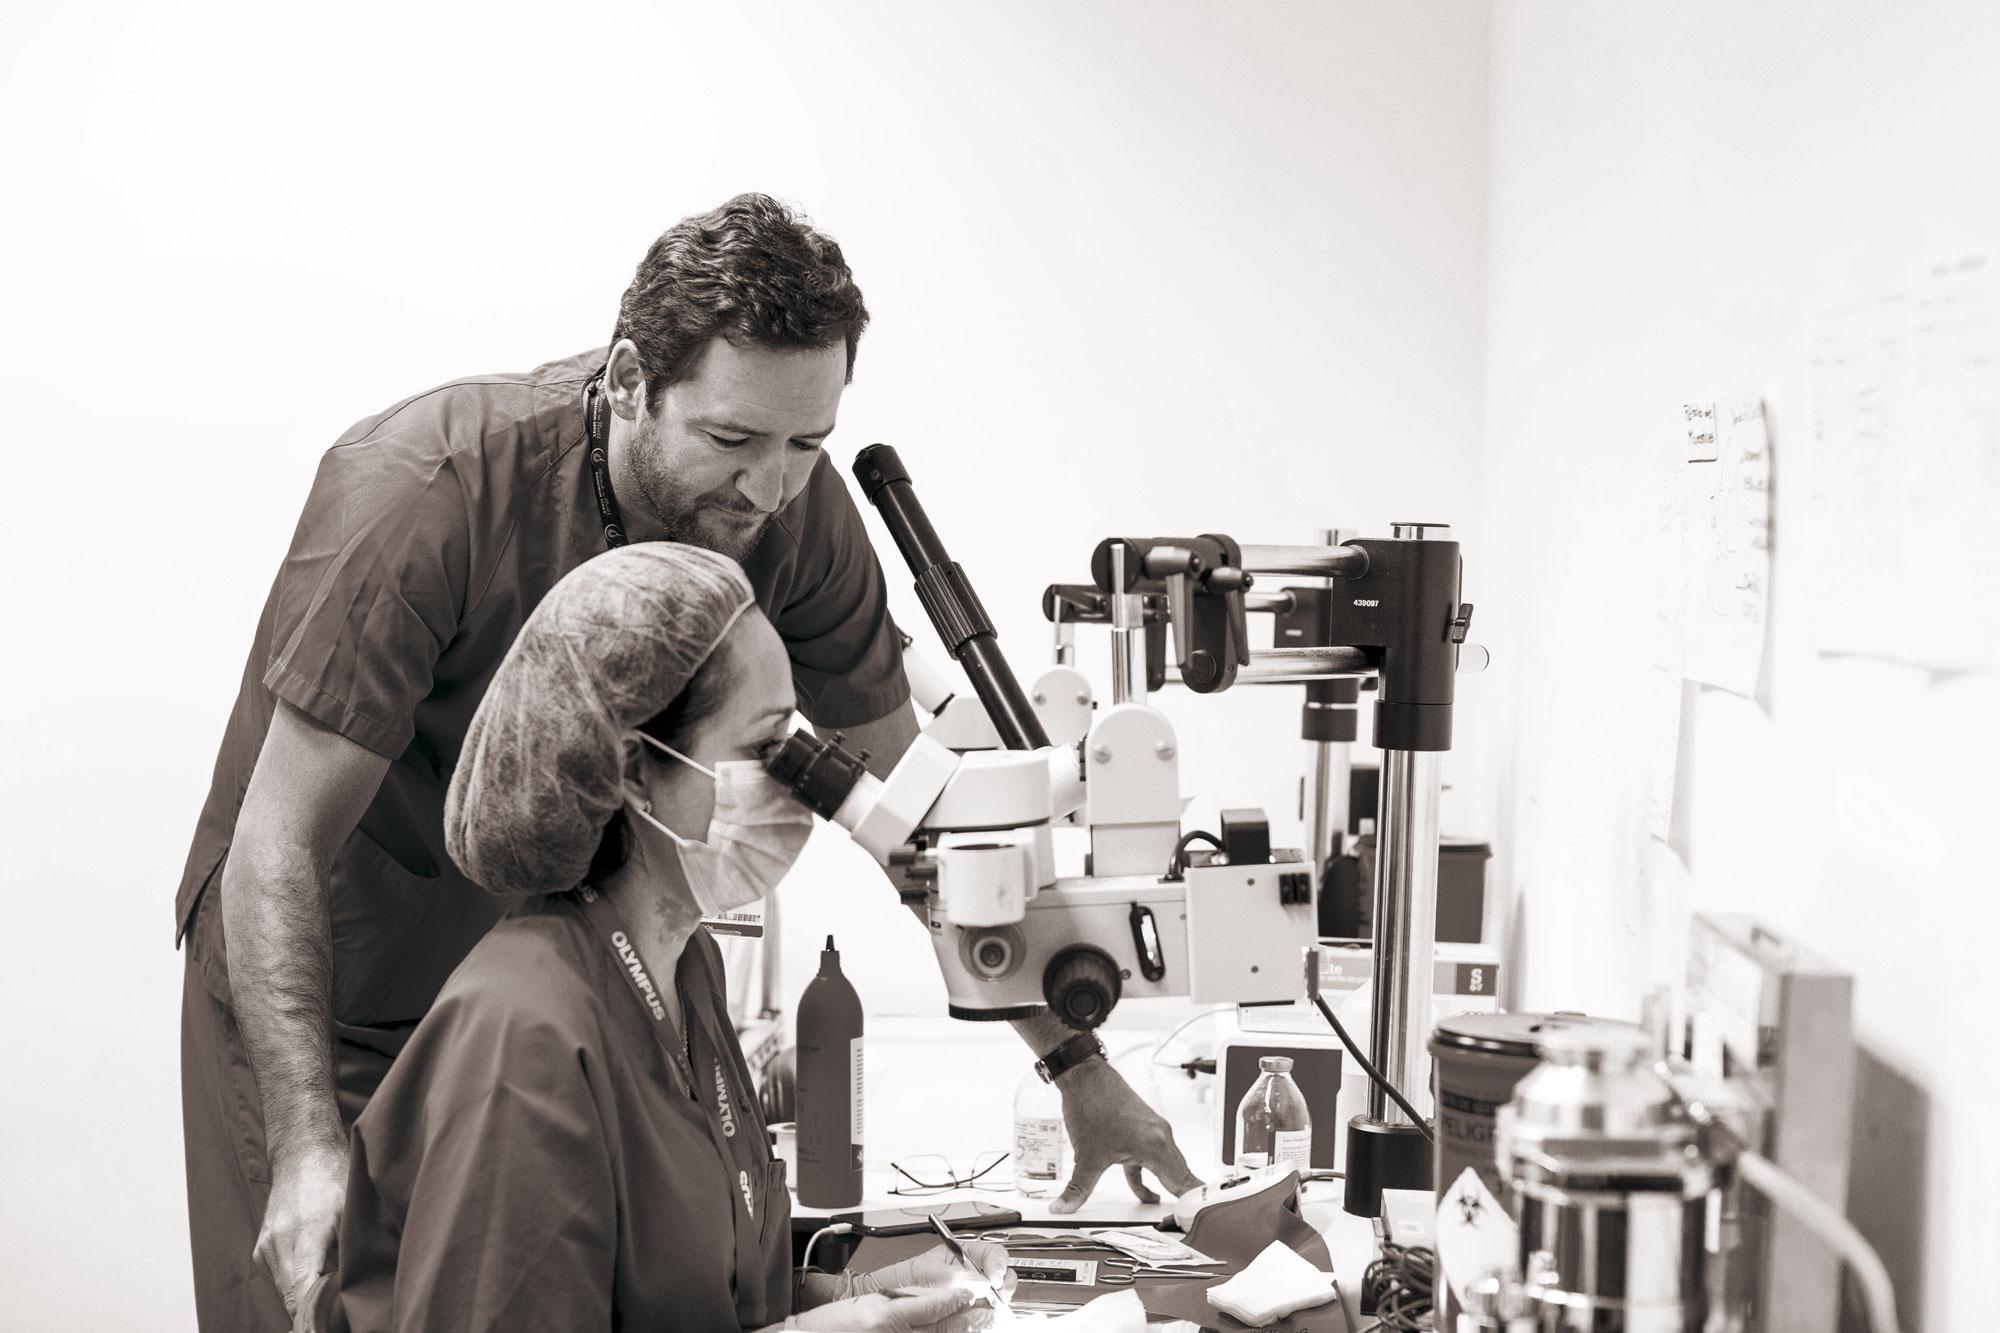 El equipo del doctor Hernández Oliveros, del Hospital Universitario La Paz, investiga el avance en trasplante de intestino pediátrico.